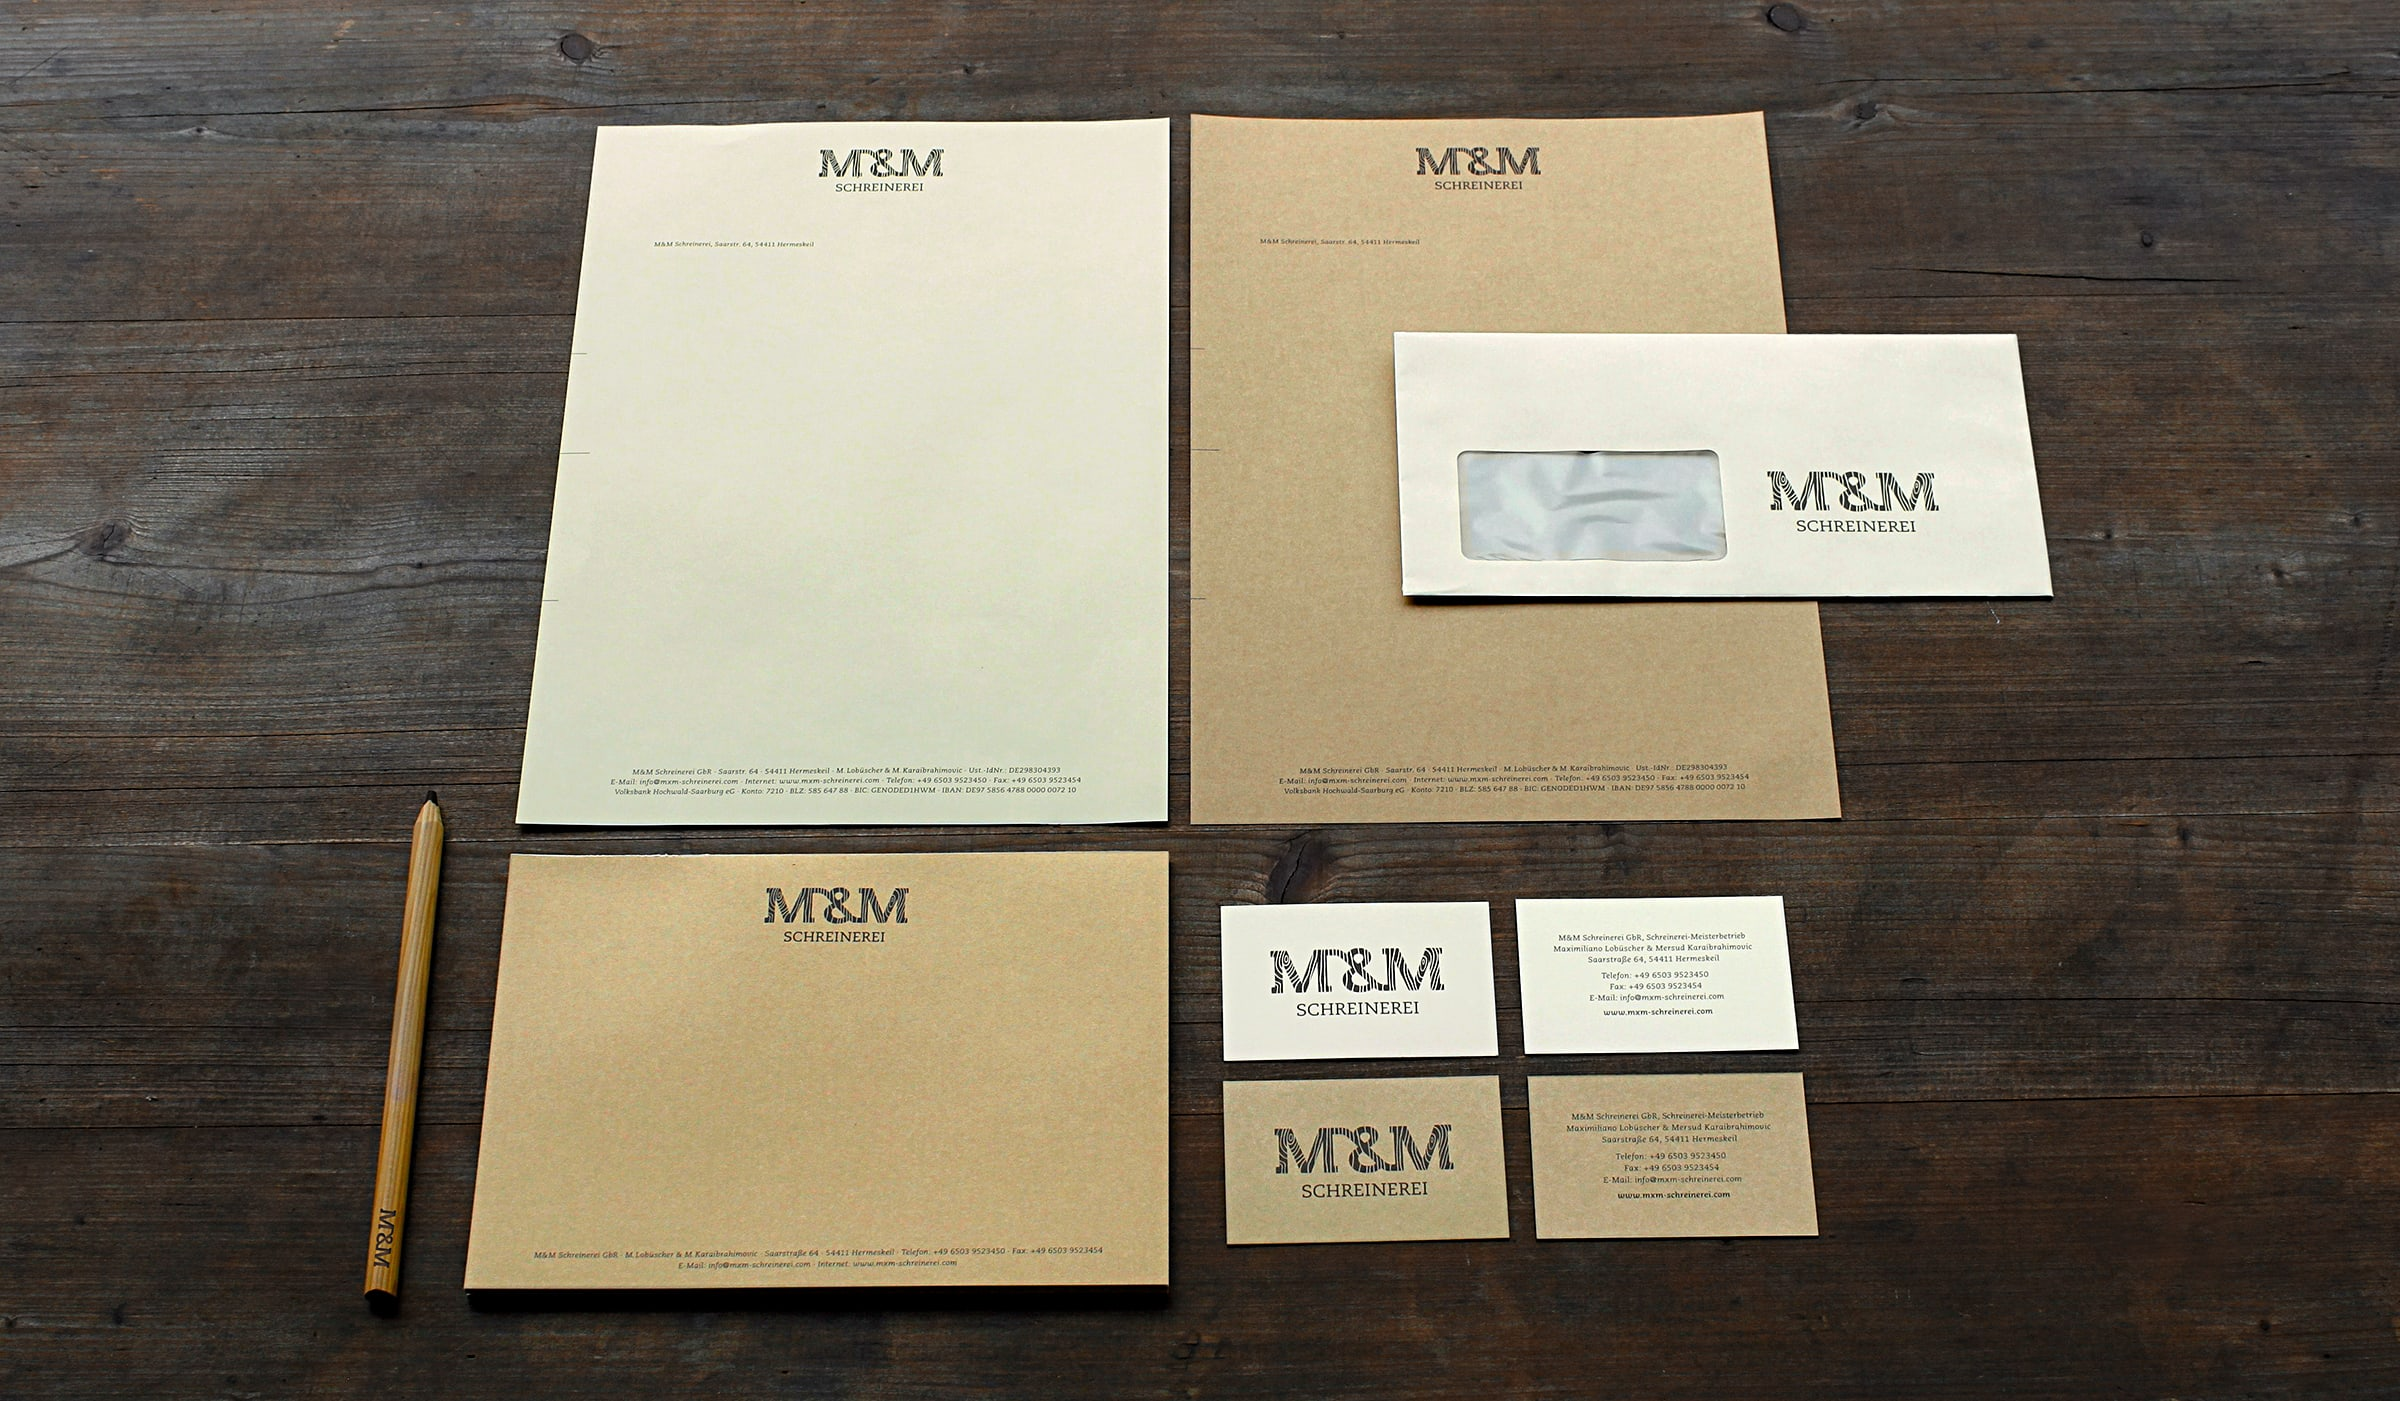 Corporate Identity und Corporate Design des Handwerksbetriebes M&M in Hermeskeil entwickelt durch die Designagentur mieker - Konzept Design Strategie. Das Unternehmens-Erscheinungsbild der Handwerker zeichnet sich durch einen konsequent eingehaltenen Stil aus: alle Printerzeugnisse sind auf zwei unterschiedliche Papiere gedruckt. Die Farbigkeit der Papiere entsteht nicht durch zuzügliches bedrucken mit einer Farbe, sondern durch die Rohstoffe, welche zur Herstellung der nachhaltigen Papierarten benutzt wurden. Bestandteile/ Printdesigns: Grafikdesign, Logodesign, Visitenkarten, Briefpapier, Briefumschläge, Notizblöcke,Werbemittel und Werbung. Regionen: Hermeskeil, Saarbrücken, Trier, Luxemburg, Koblenz.